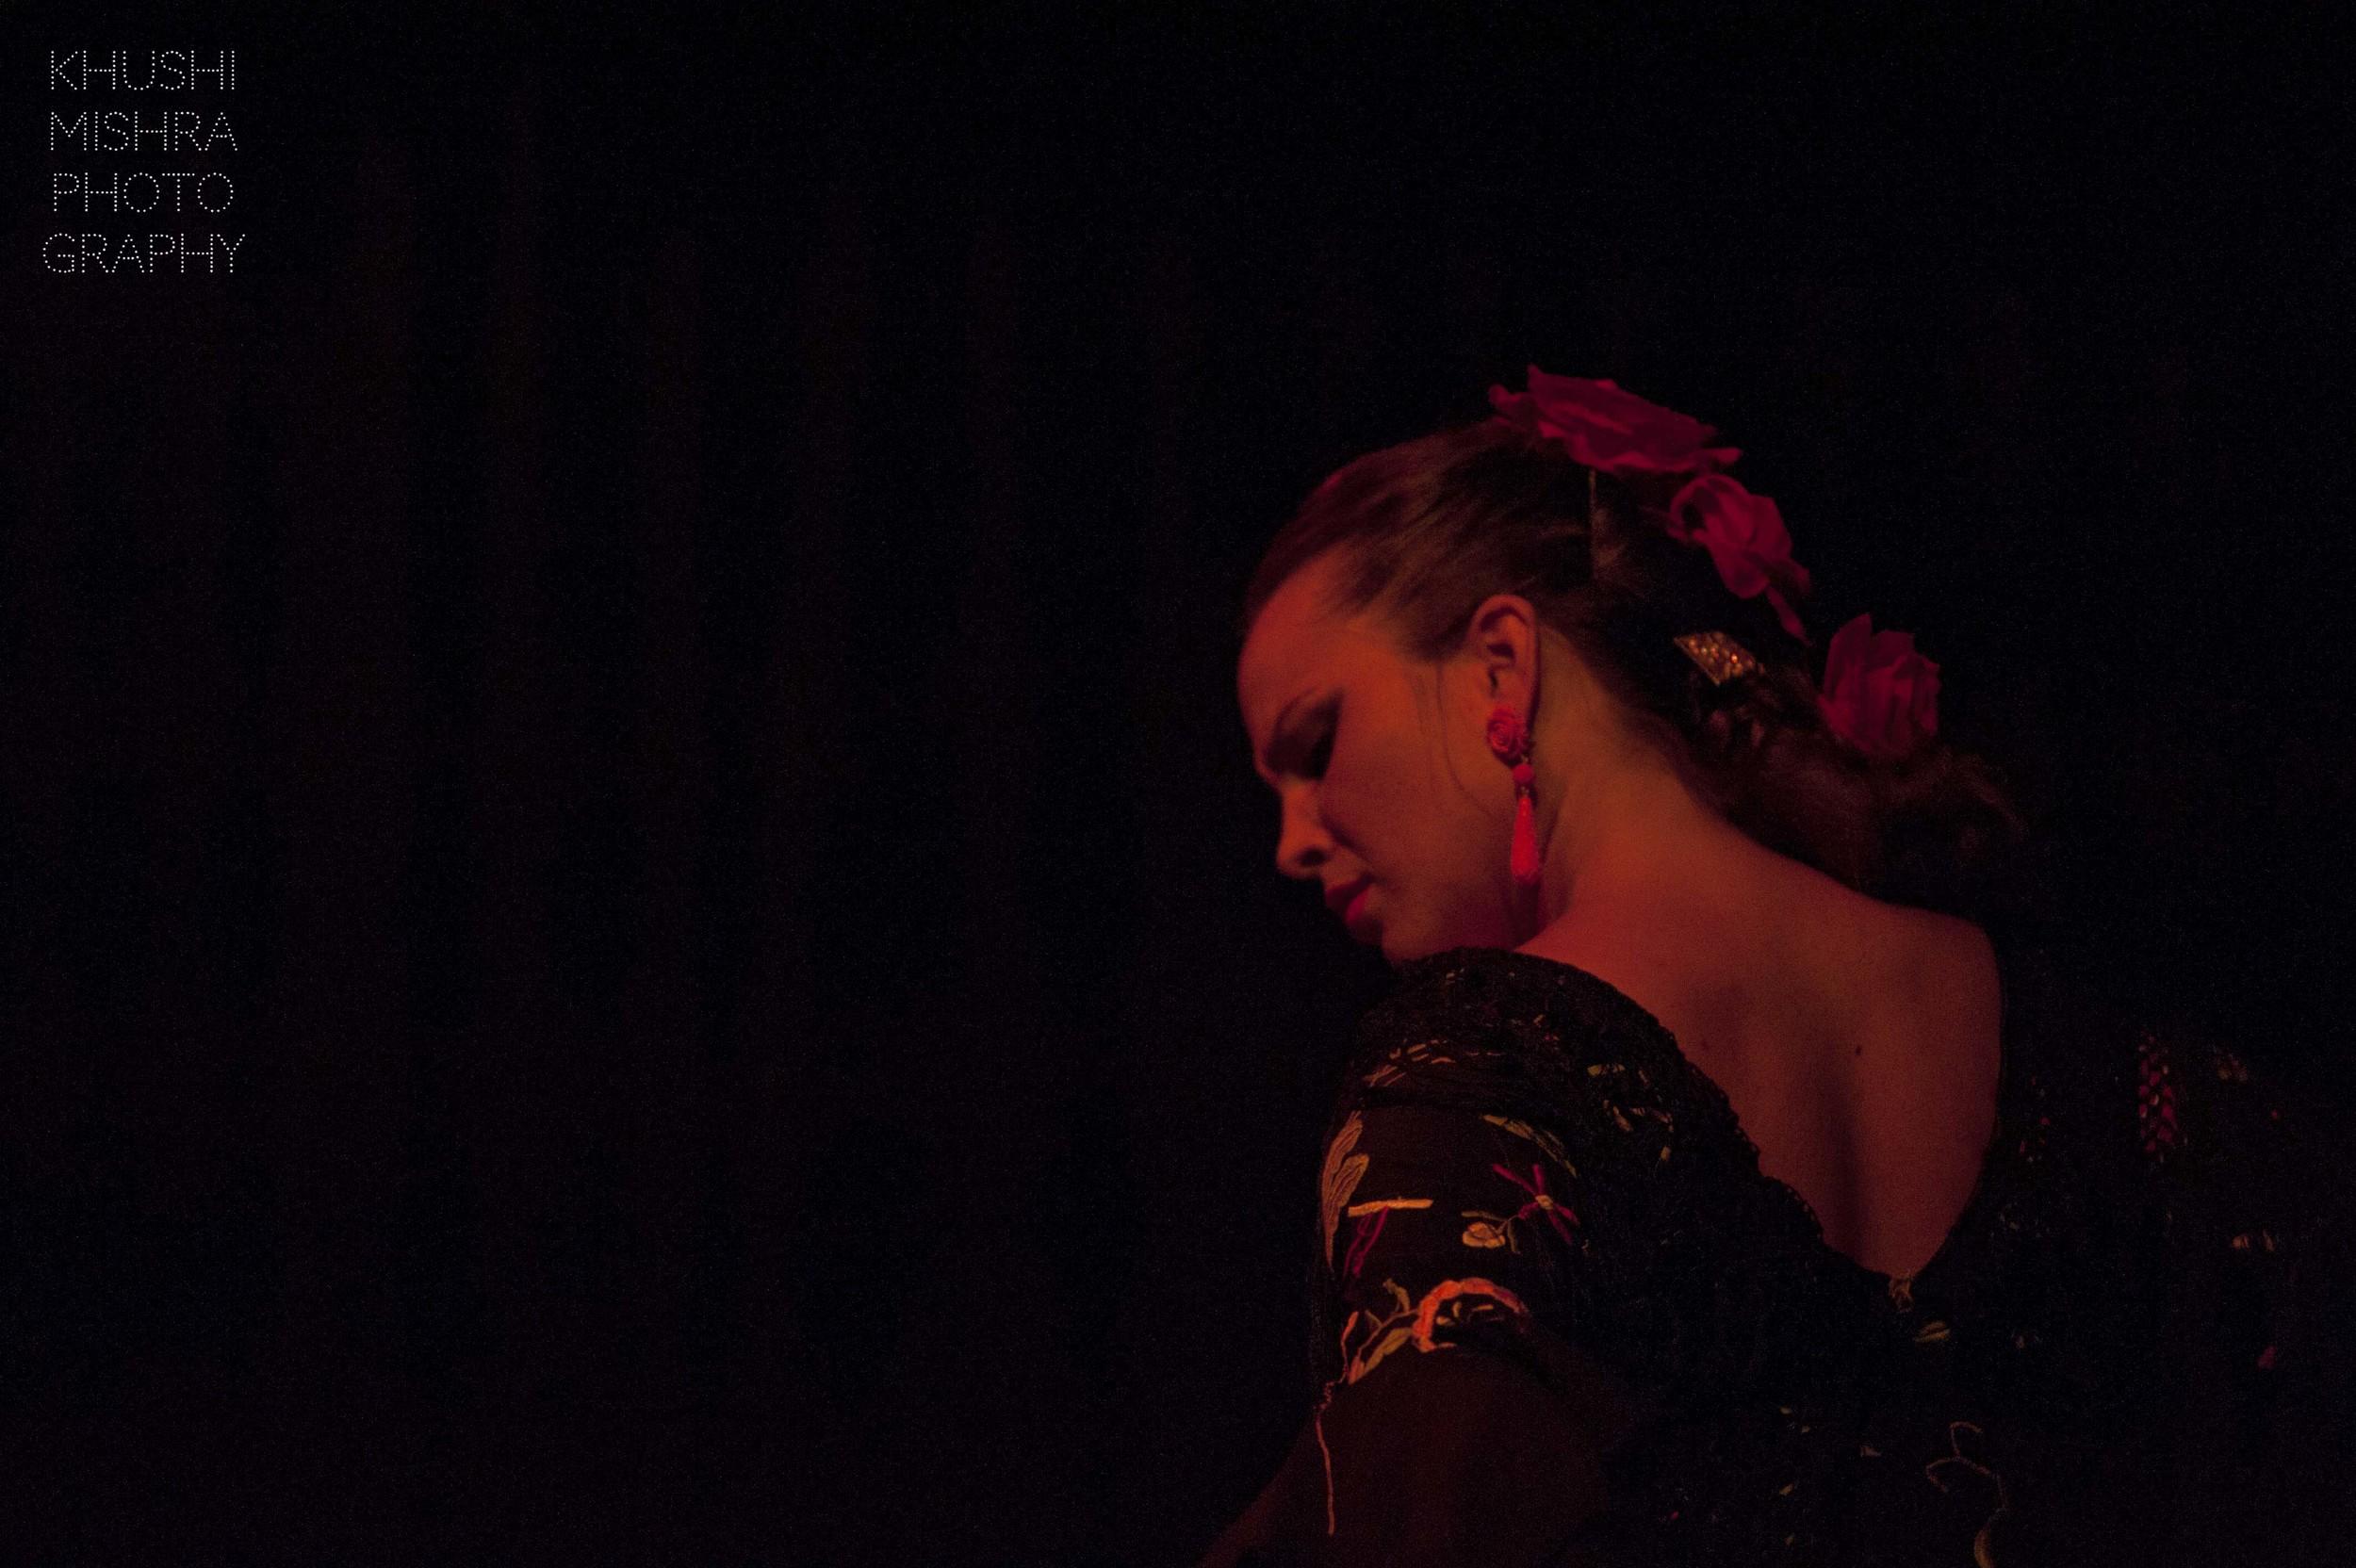 Flamenco_dsc_8026 copy.jpg